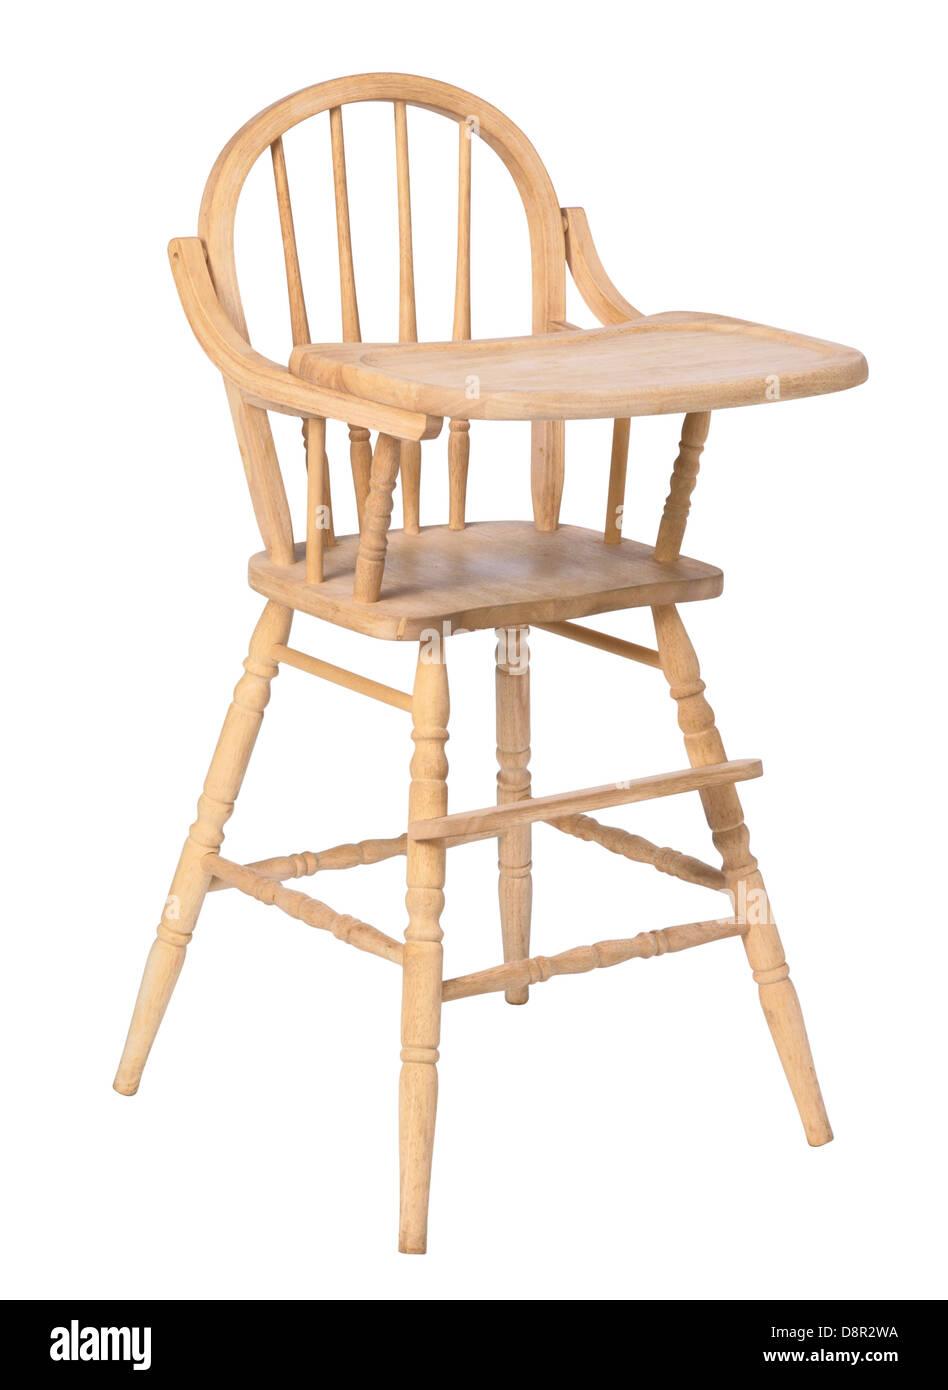 Abgeplatzte aus Holz Hochstuhl isoliert (Säuglingsernährung Stuhl) Stockbild